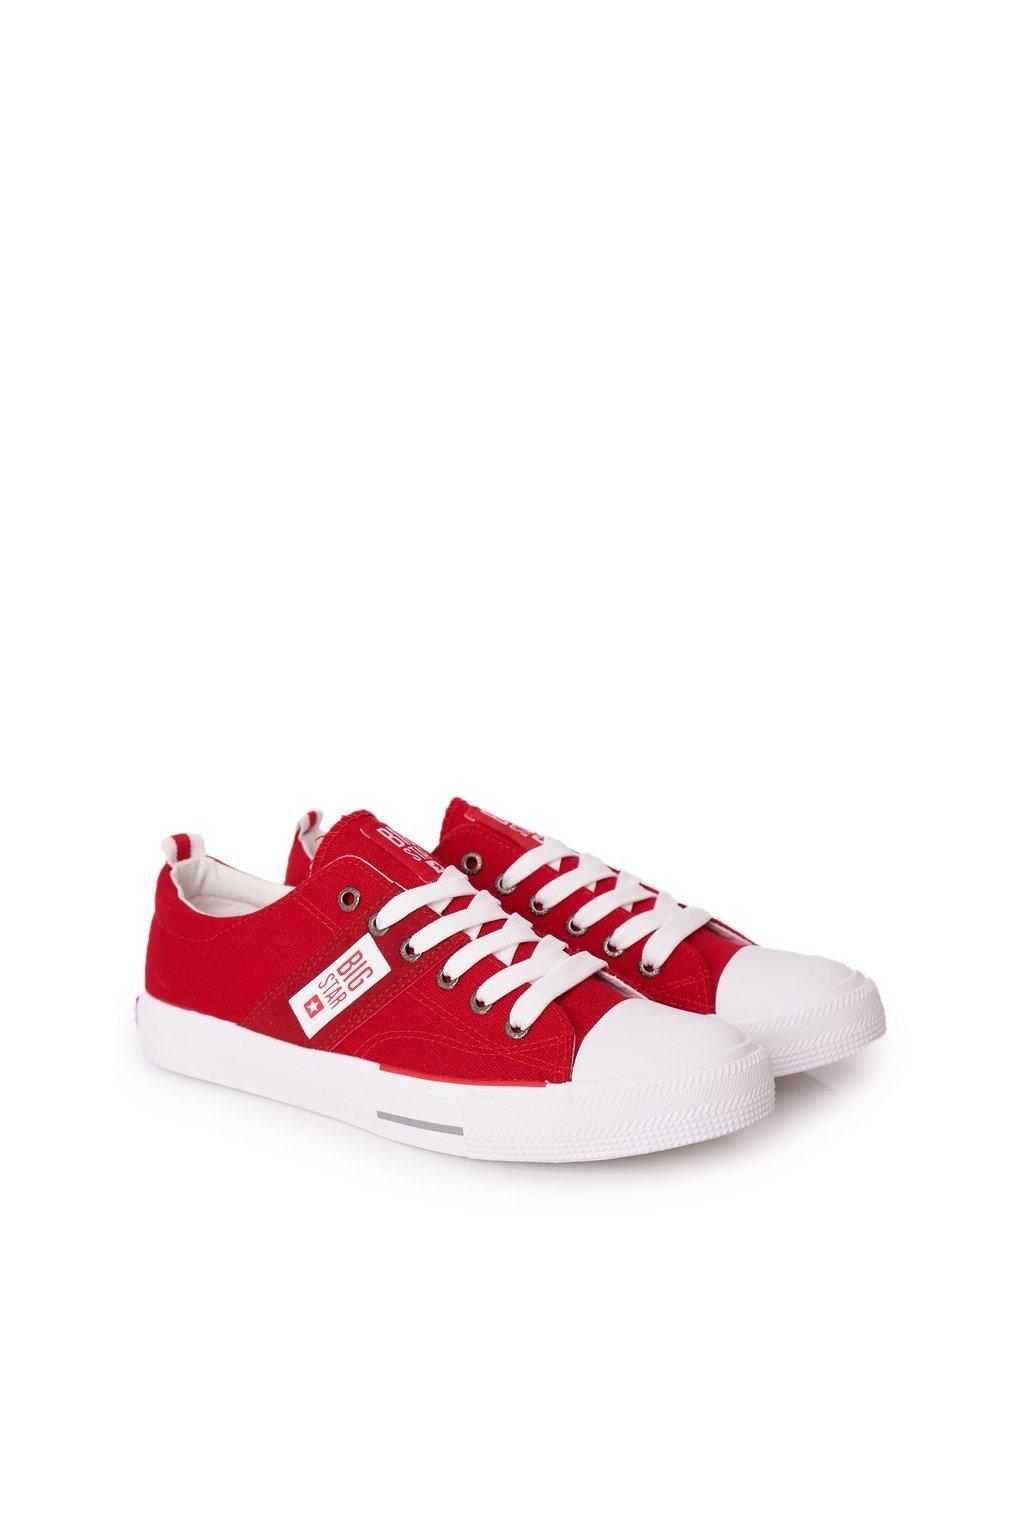 Biela obuv kód topánok HH174040 RED